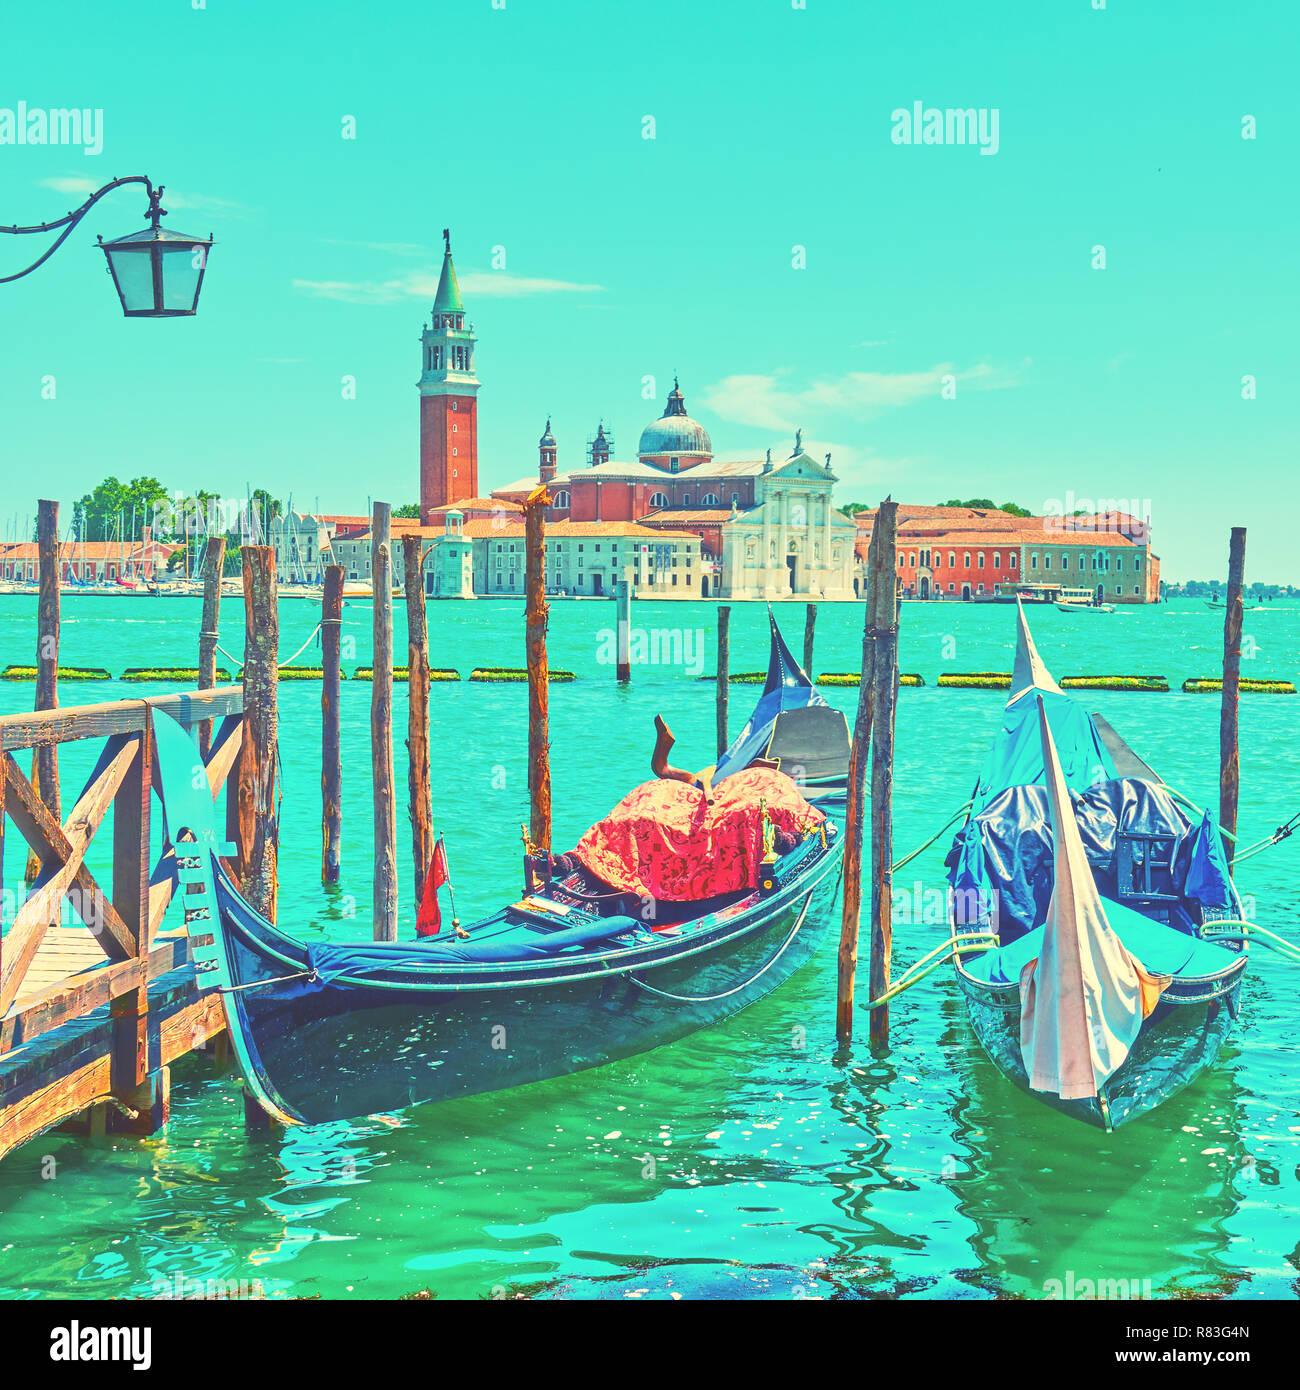 Moored gondolas and San Giorgio di Maggiore church in Venice, Italy - Stock Image